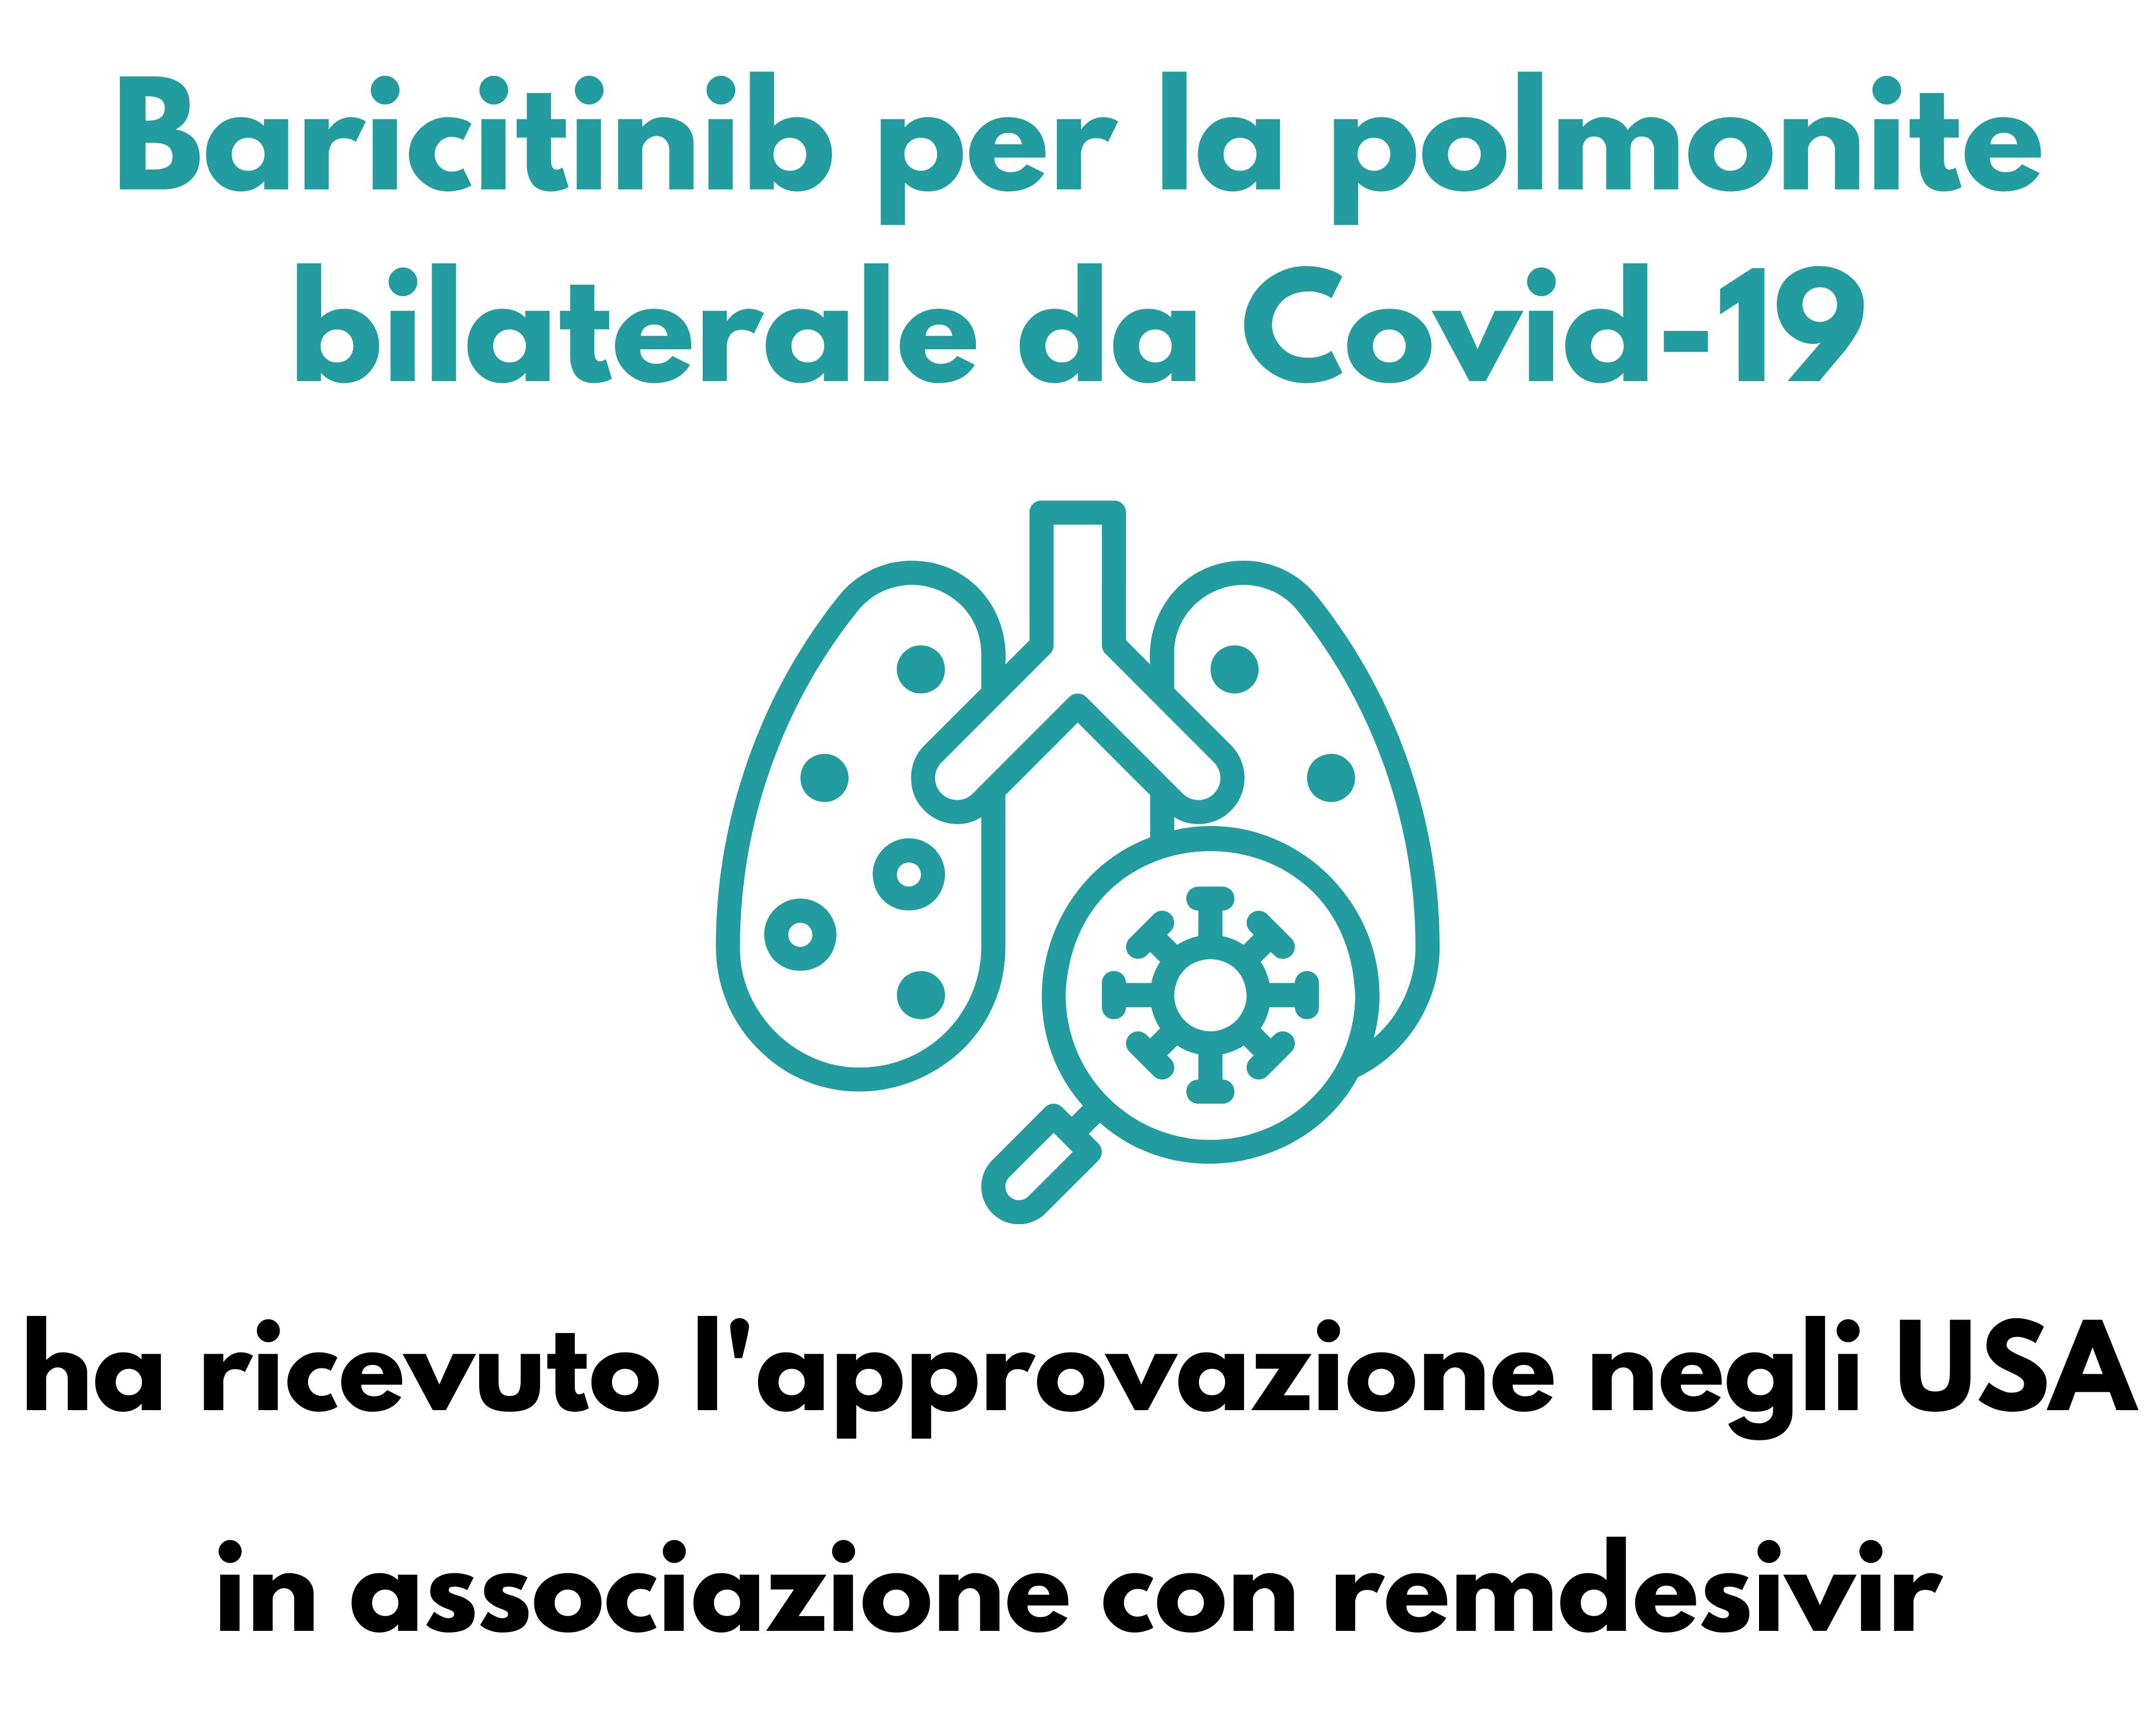 Baricitinib per la polmonite bilaterale da Covid-19